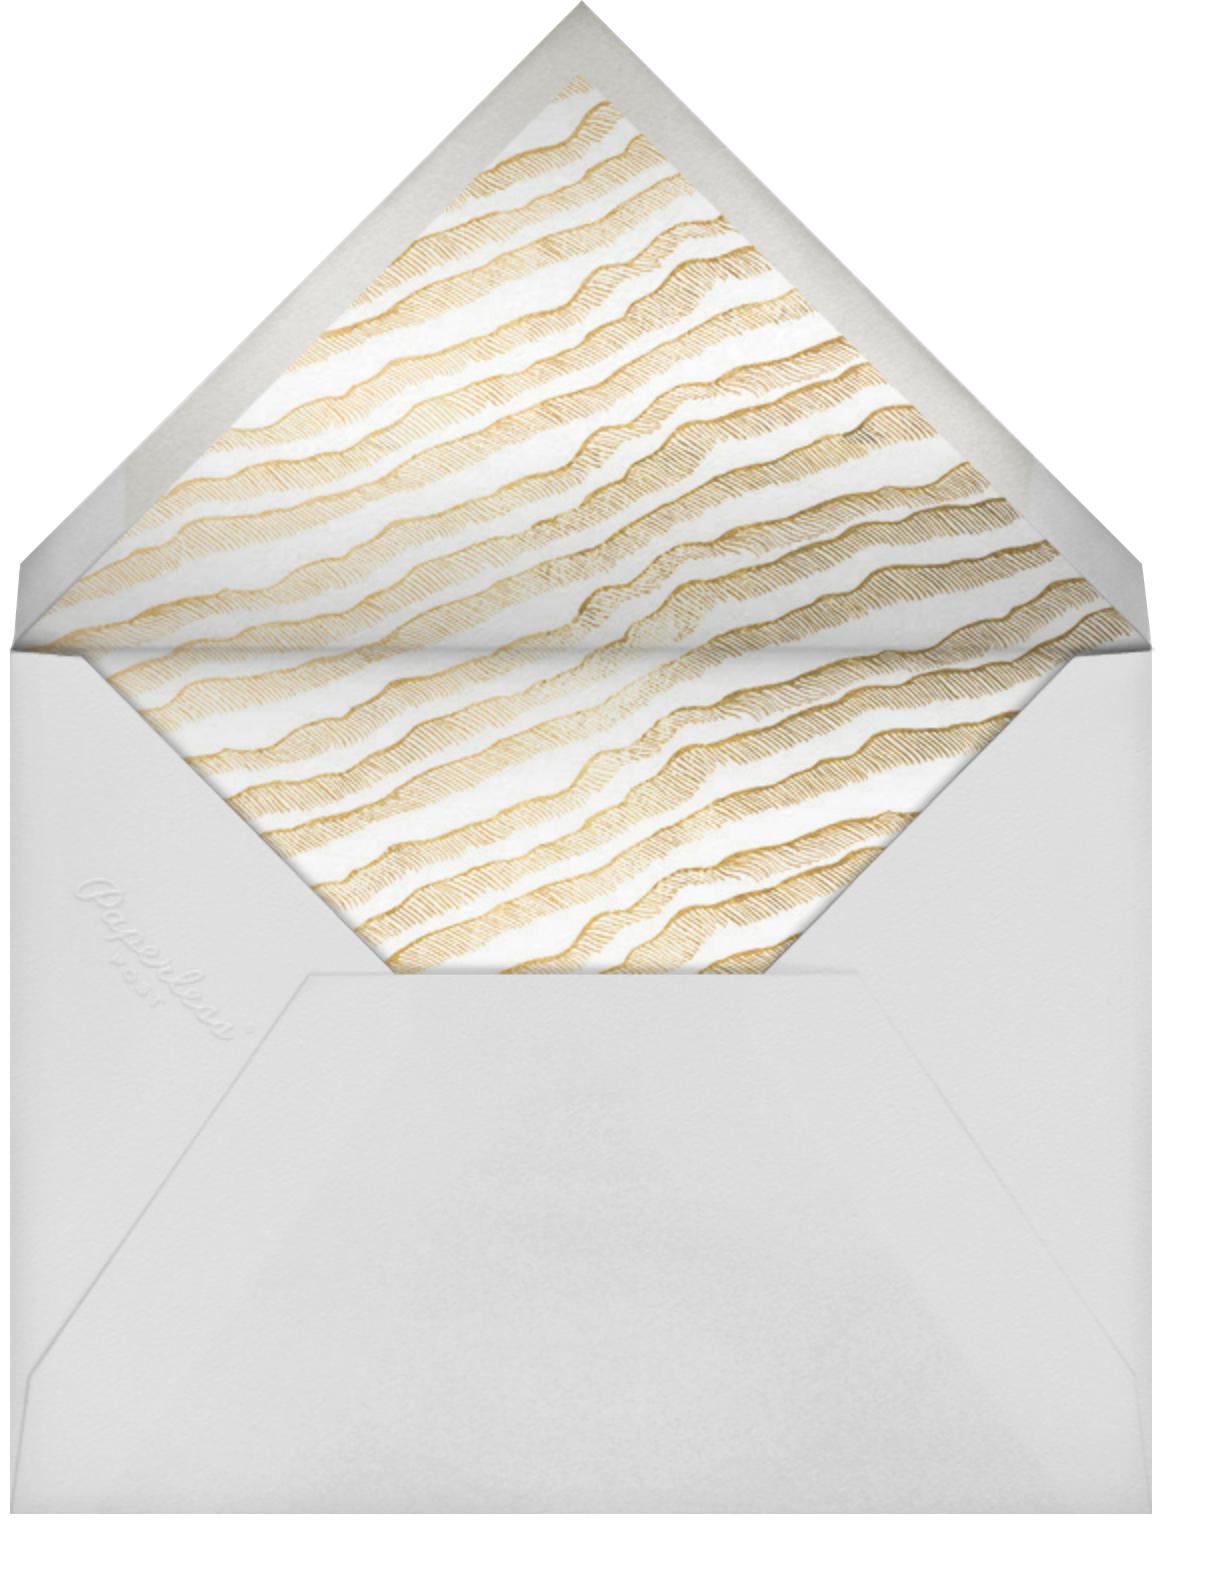 Posh - Kelly Wearstler - New Year's Eve - envelope back